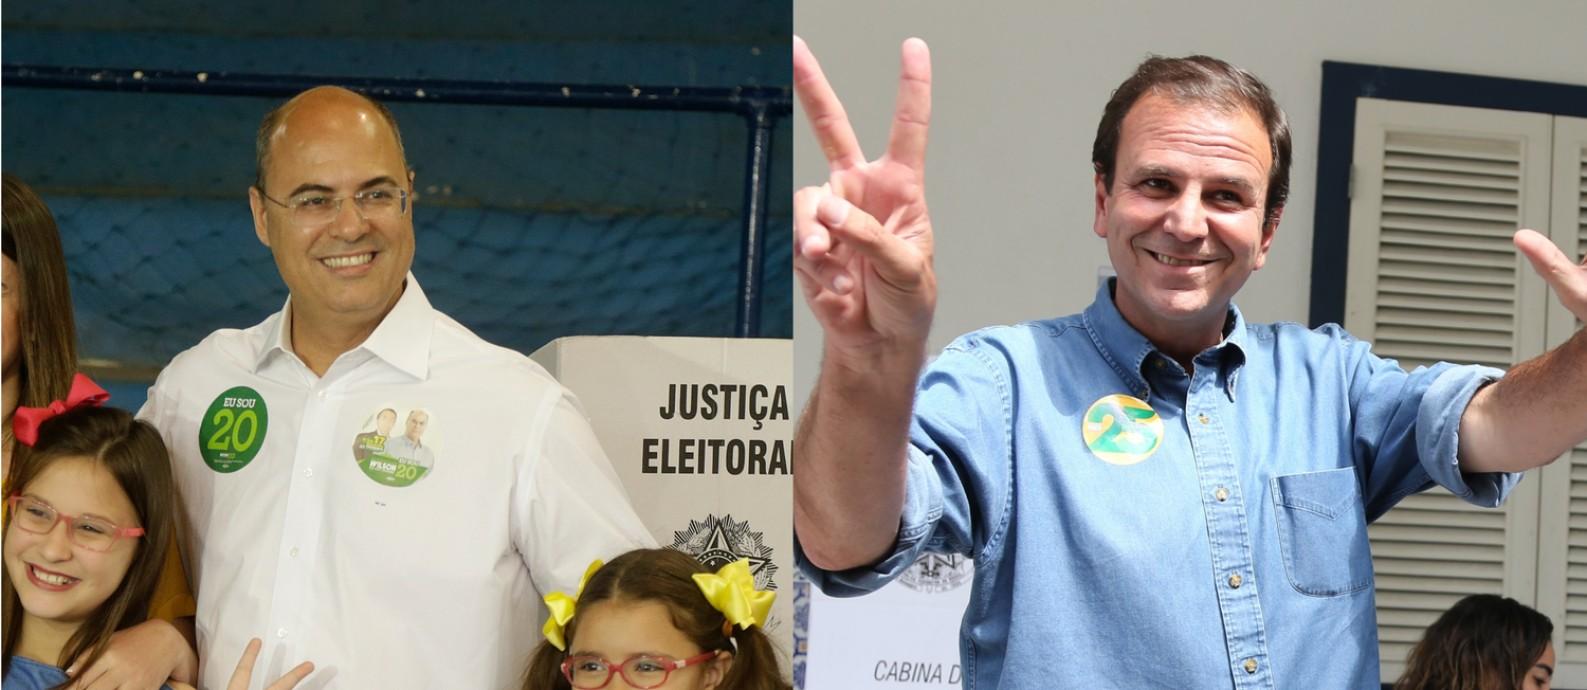 Wilson Witzel e Eduardo Paes votaram na manhã deste domingo, 28 Foto: Antonio Scorza e Marcia Folleto / Agência O Globo